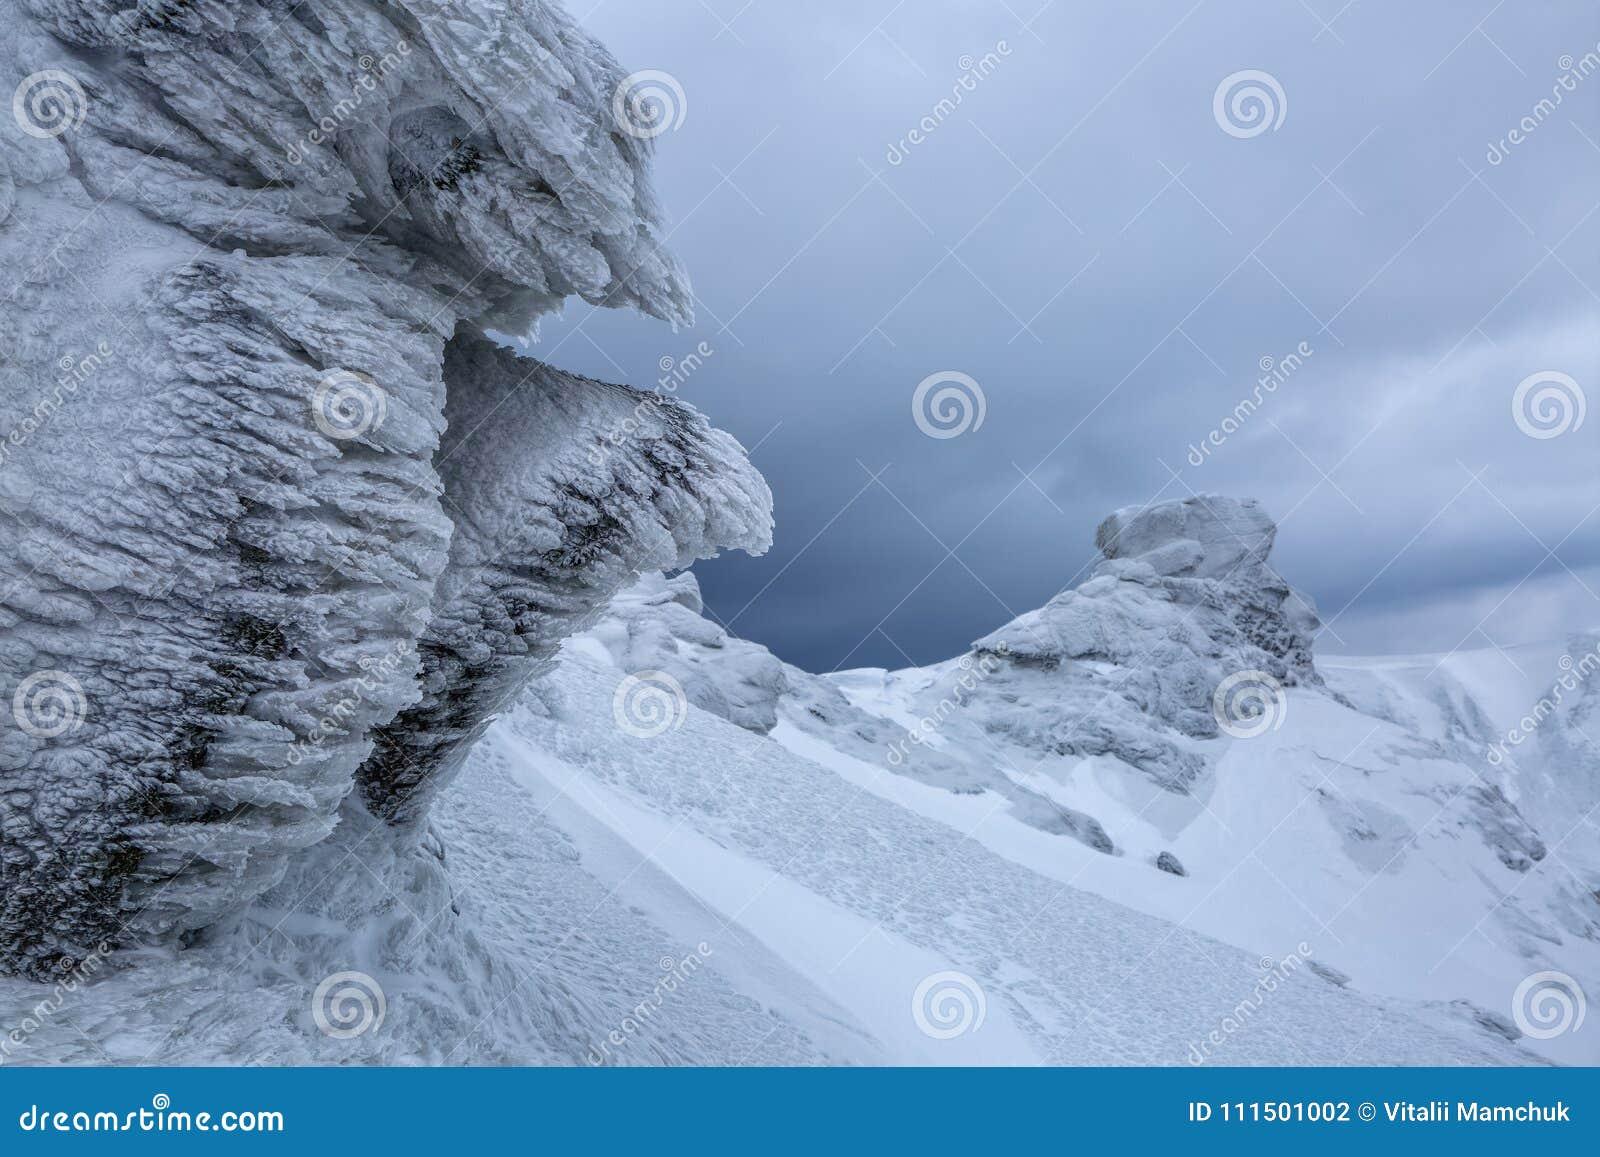 神奇意想不到的岩石结冰与奇怪的童话形式和结构冰和雪  旅游冒险的时刻